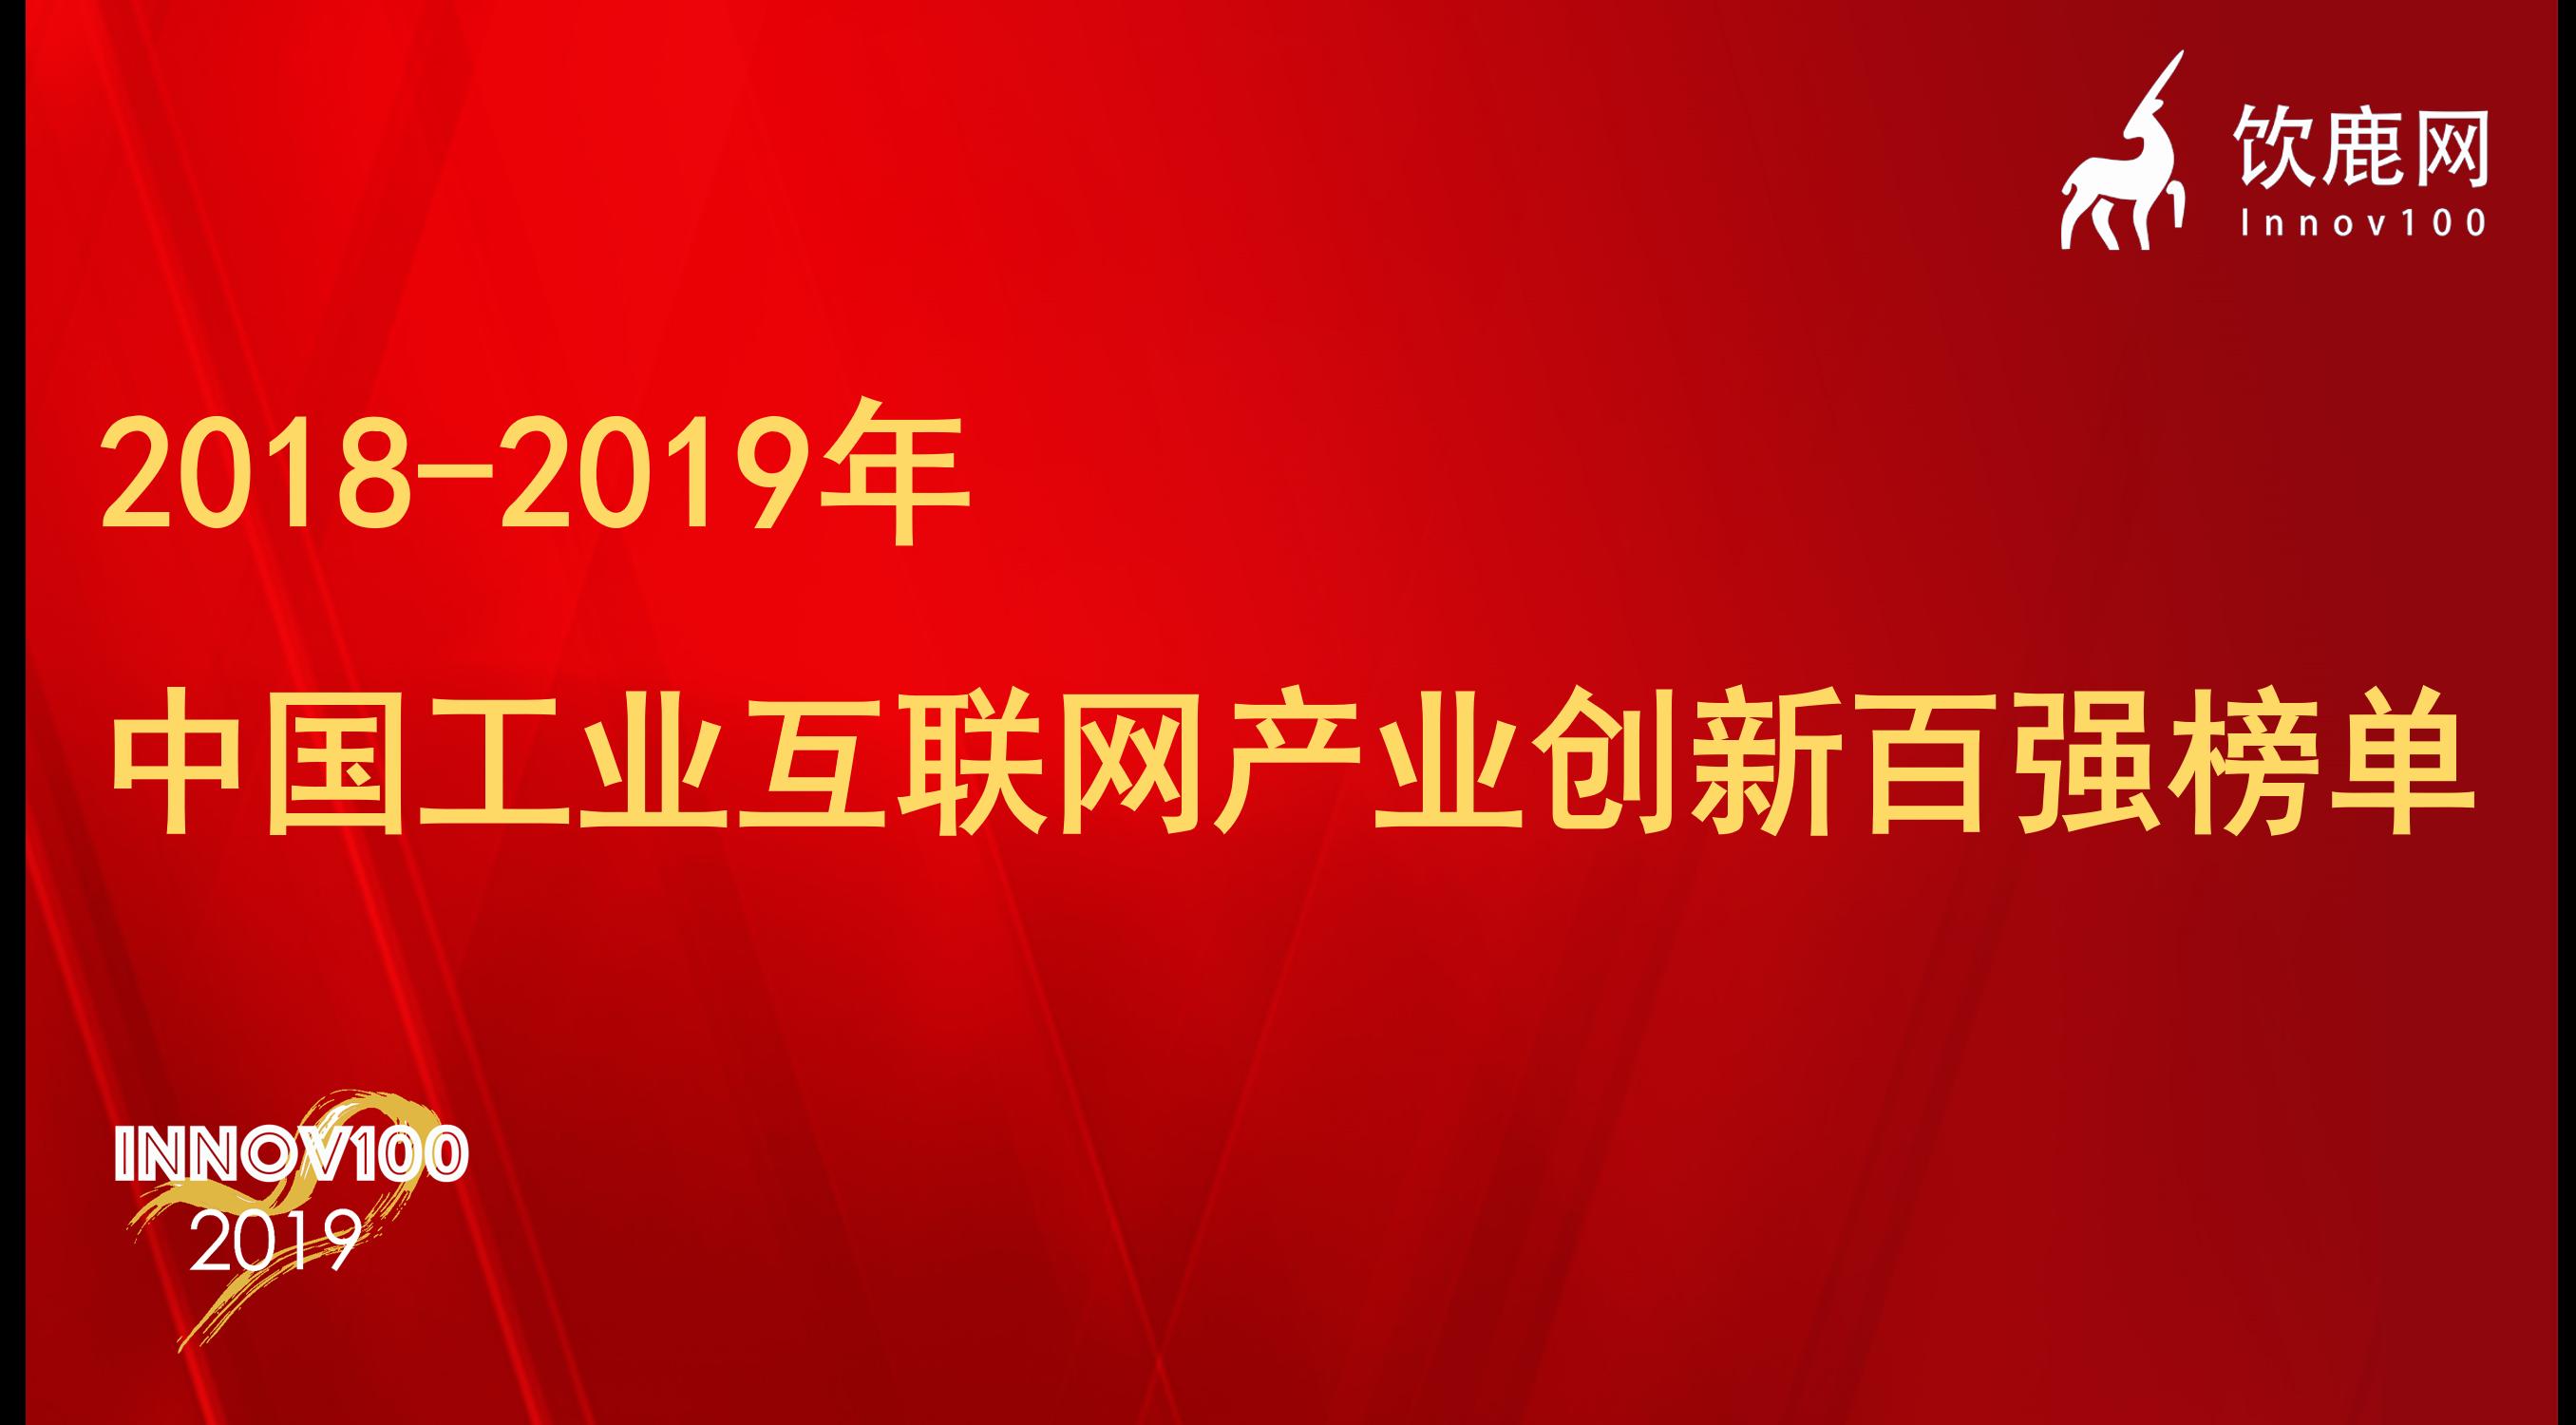 饮鹿网2018-2019年中国工业互联网产业创新百强榜单发布!